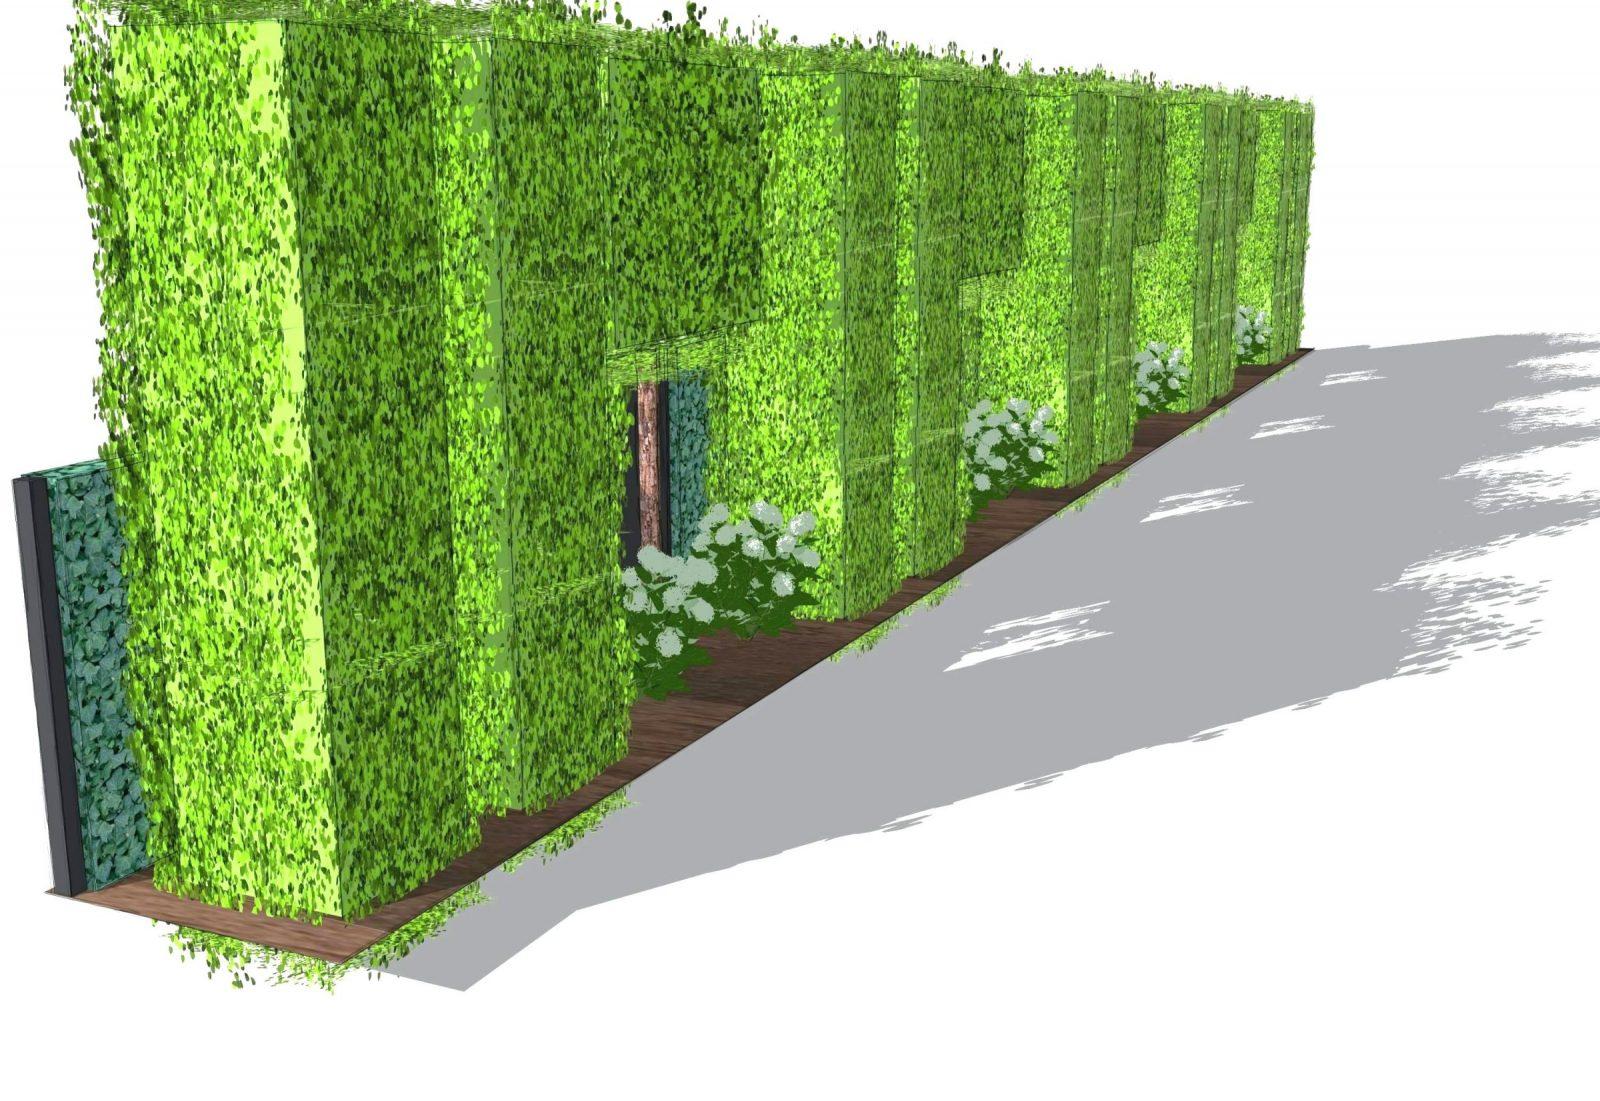 Schön Schiebegardine Leinentextur 0D Für Sichtschutz Balkon Bambus von Sichtschutz Efeu Am Laufenden Meter Bild